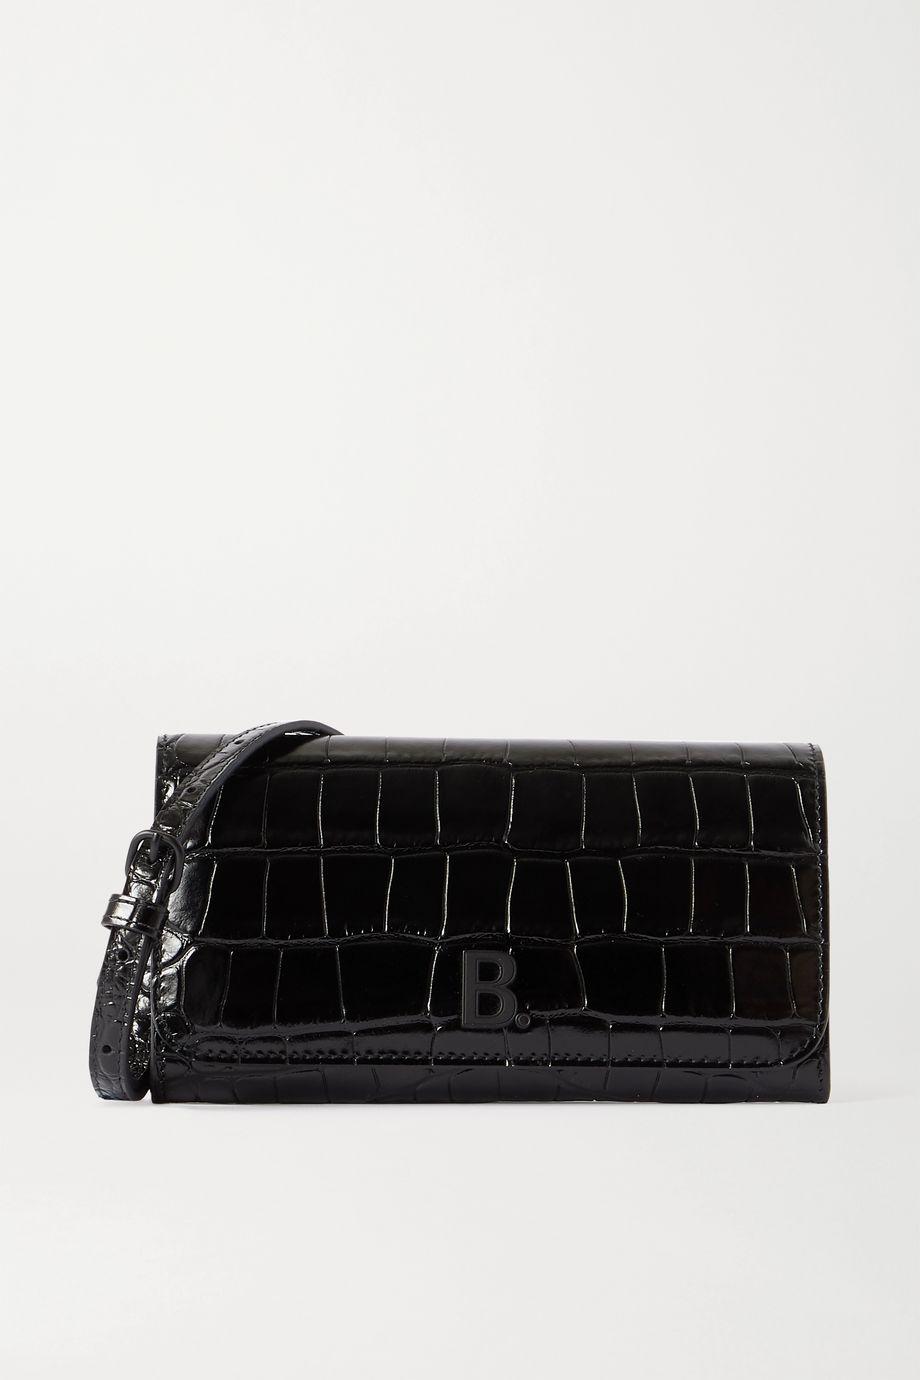 Balenciaga Sac porté épaule en cuir effet croco Touch